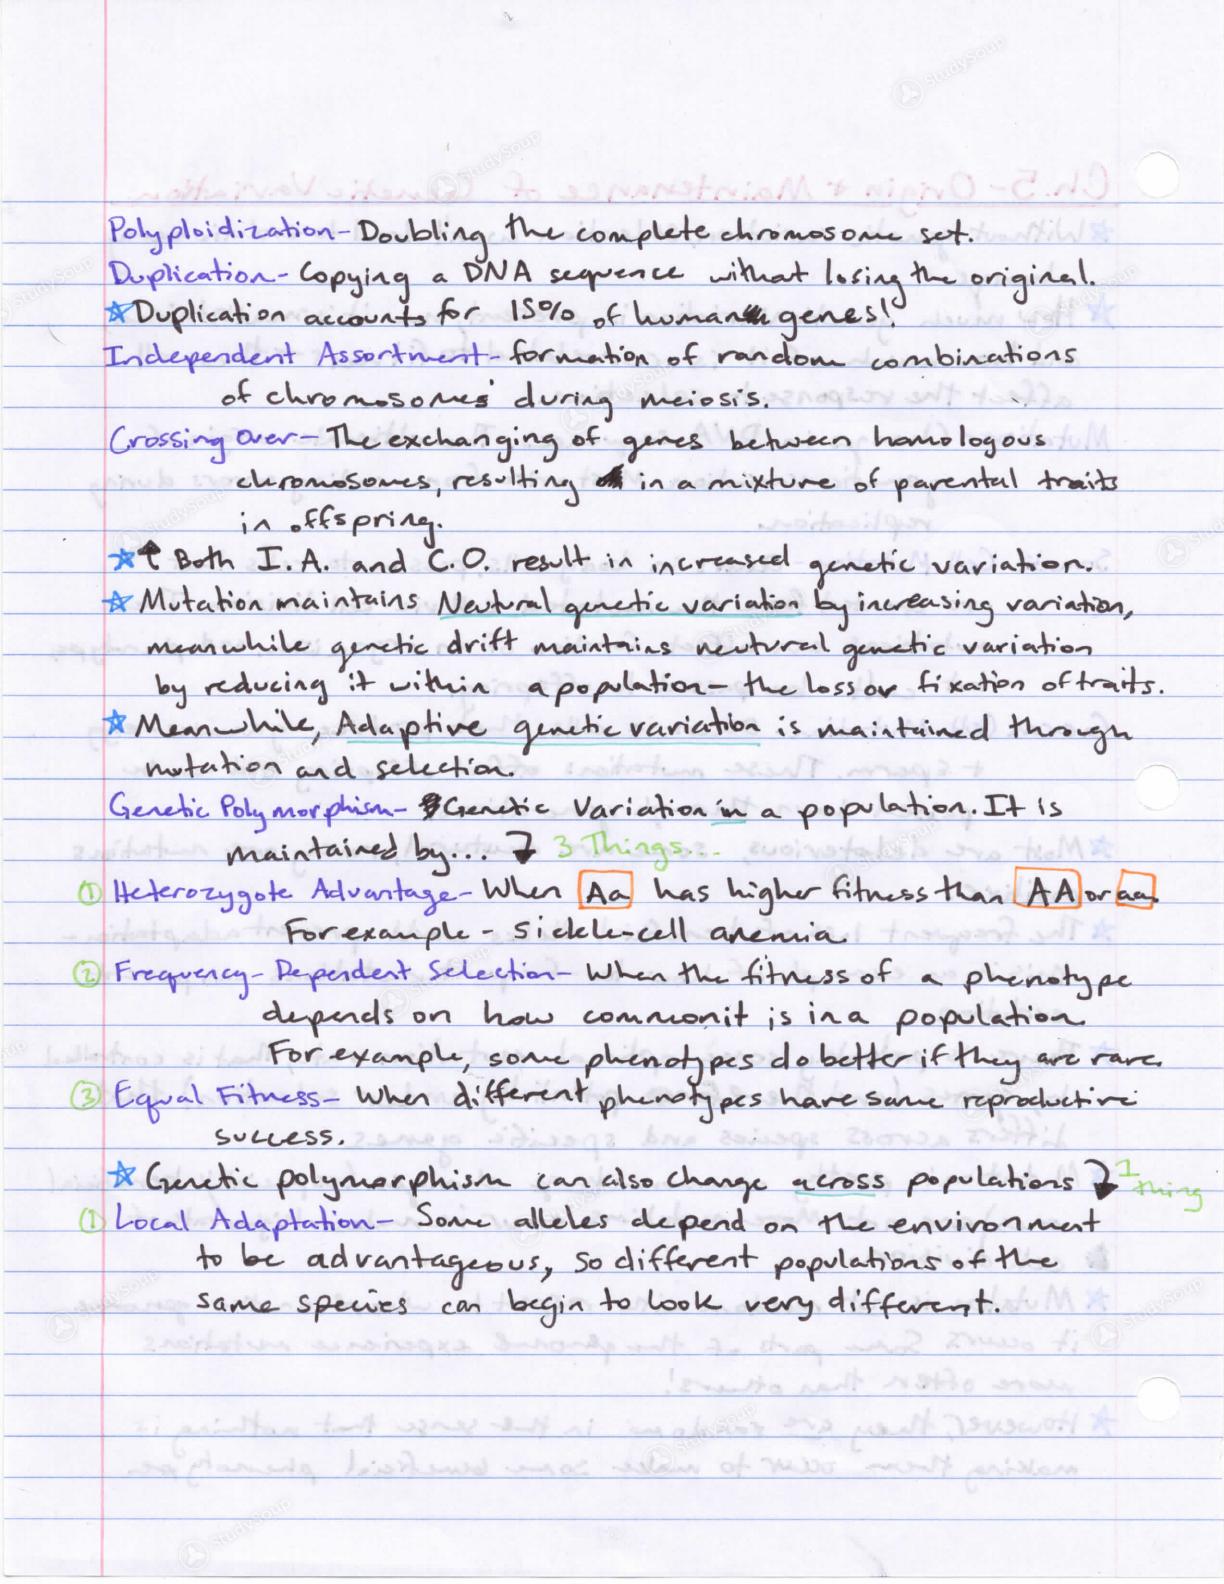 UTC - BIOL 3350 - Evolution Exam 2 Study Guide - Study Guide